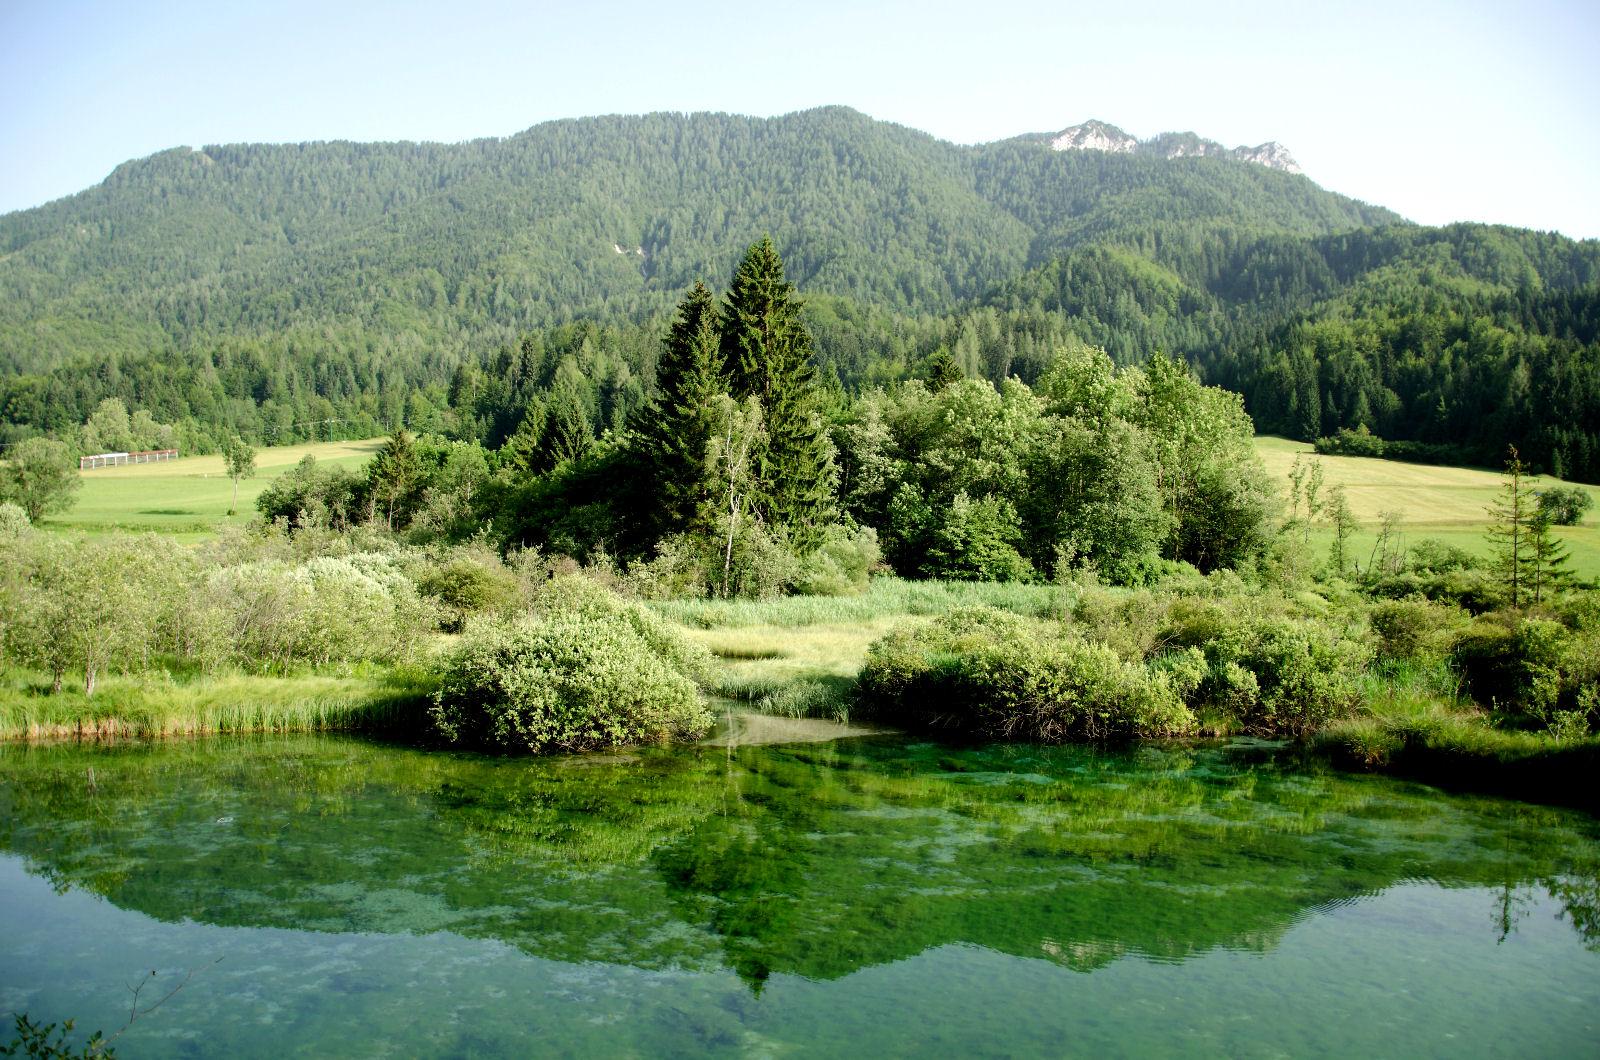 zelenci-sava-dolinka-river